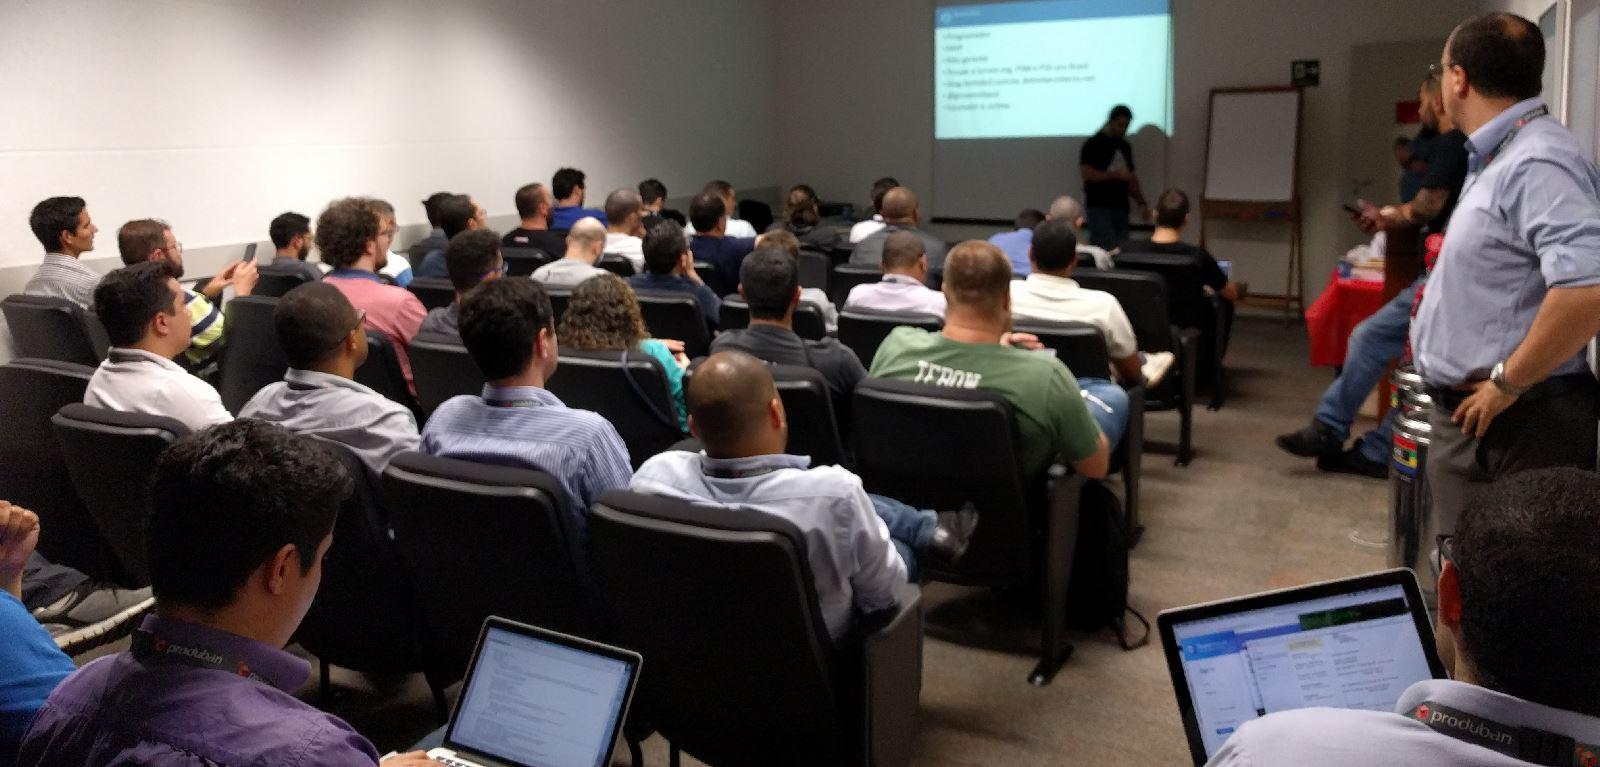 Palestra sobre Build e Release pipeline com Docker no Meetup de Docker de São Paulo